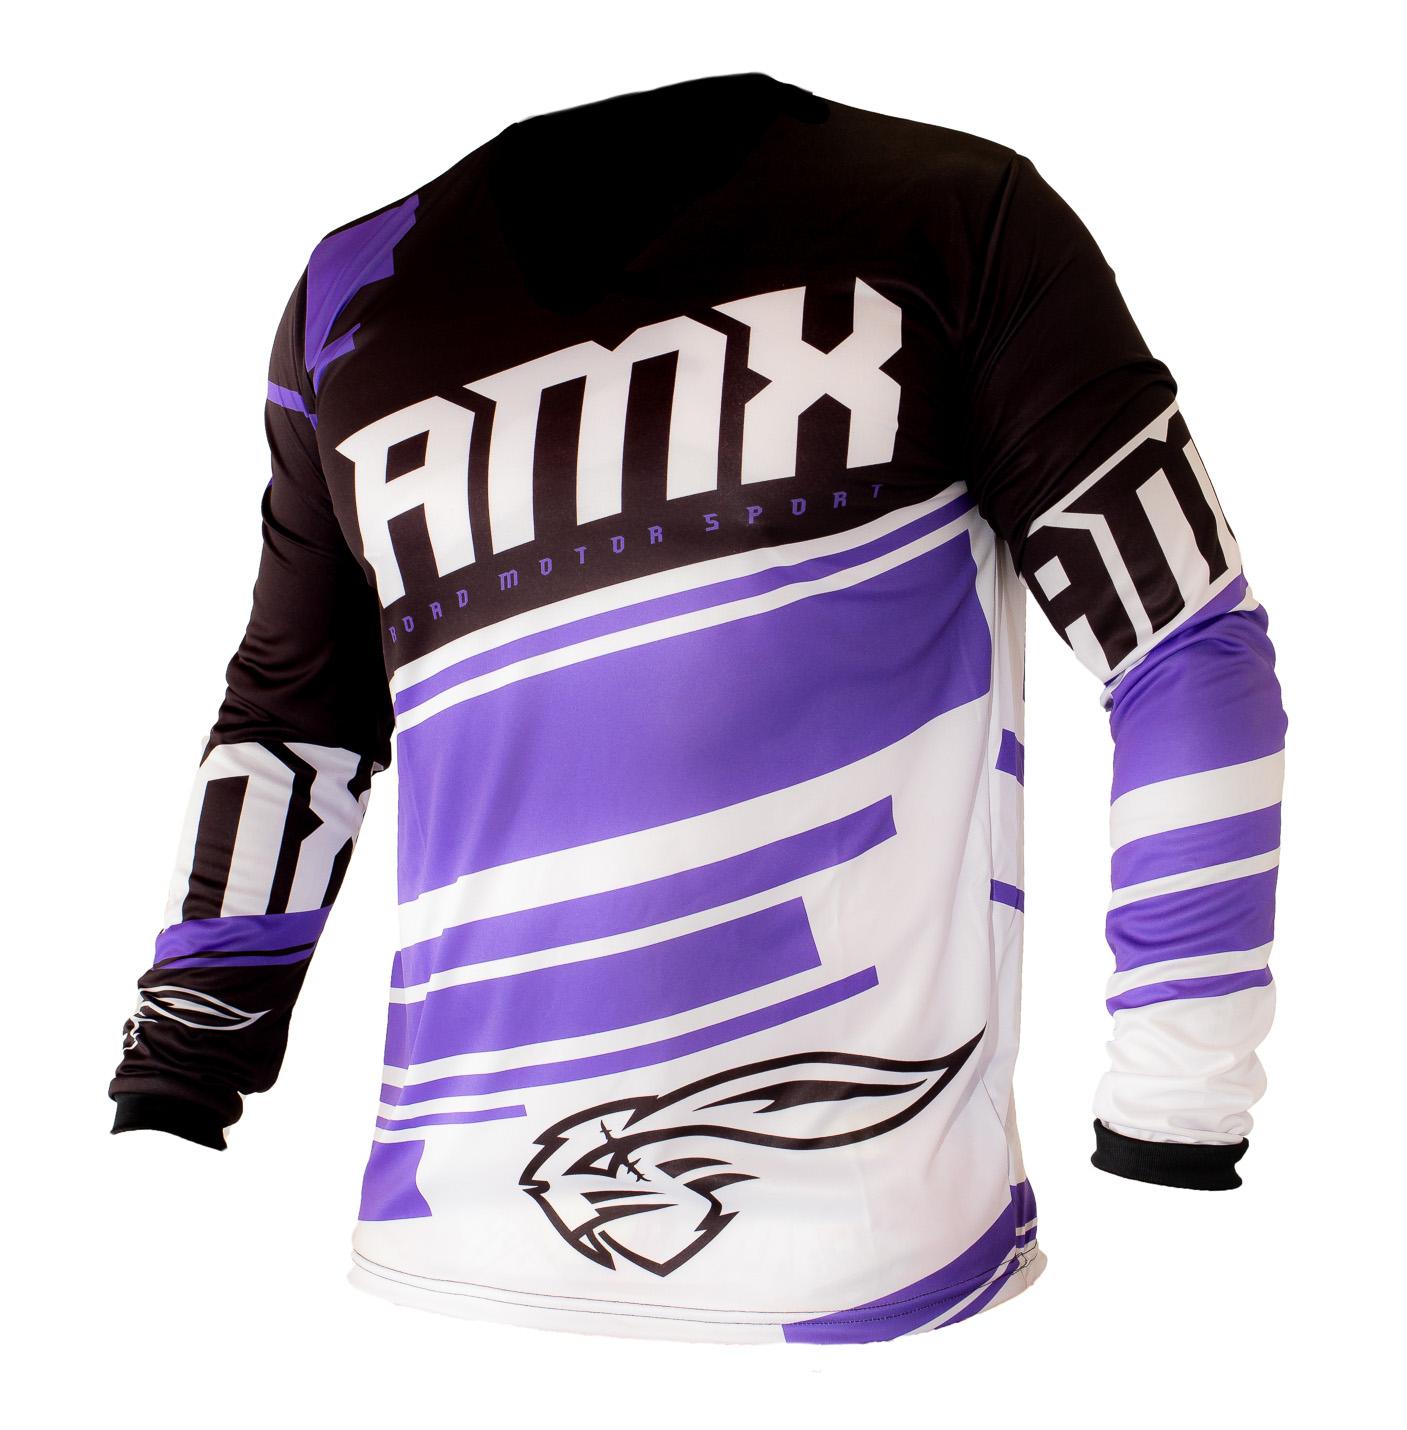 Camisa Amx Classic Roxo Preto Trilha Motocross